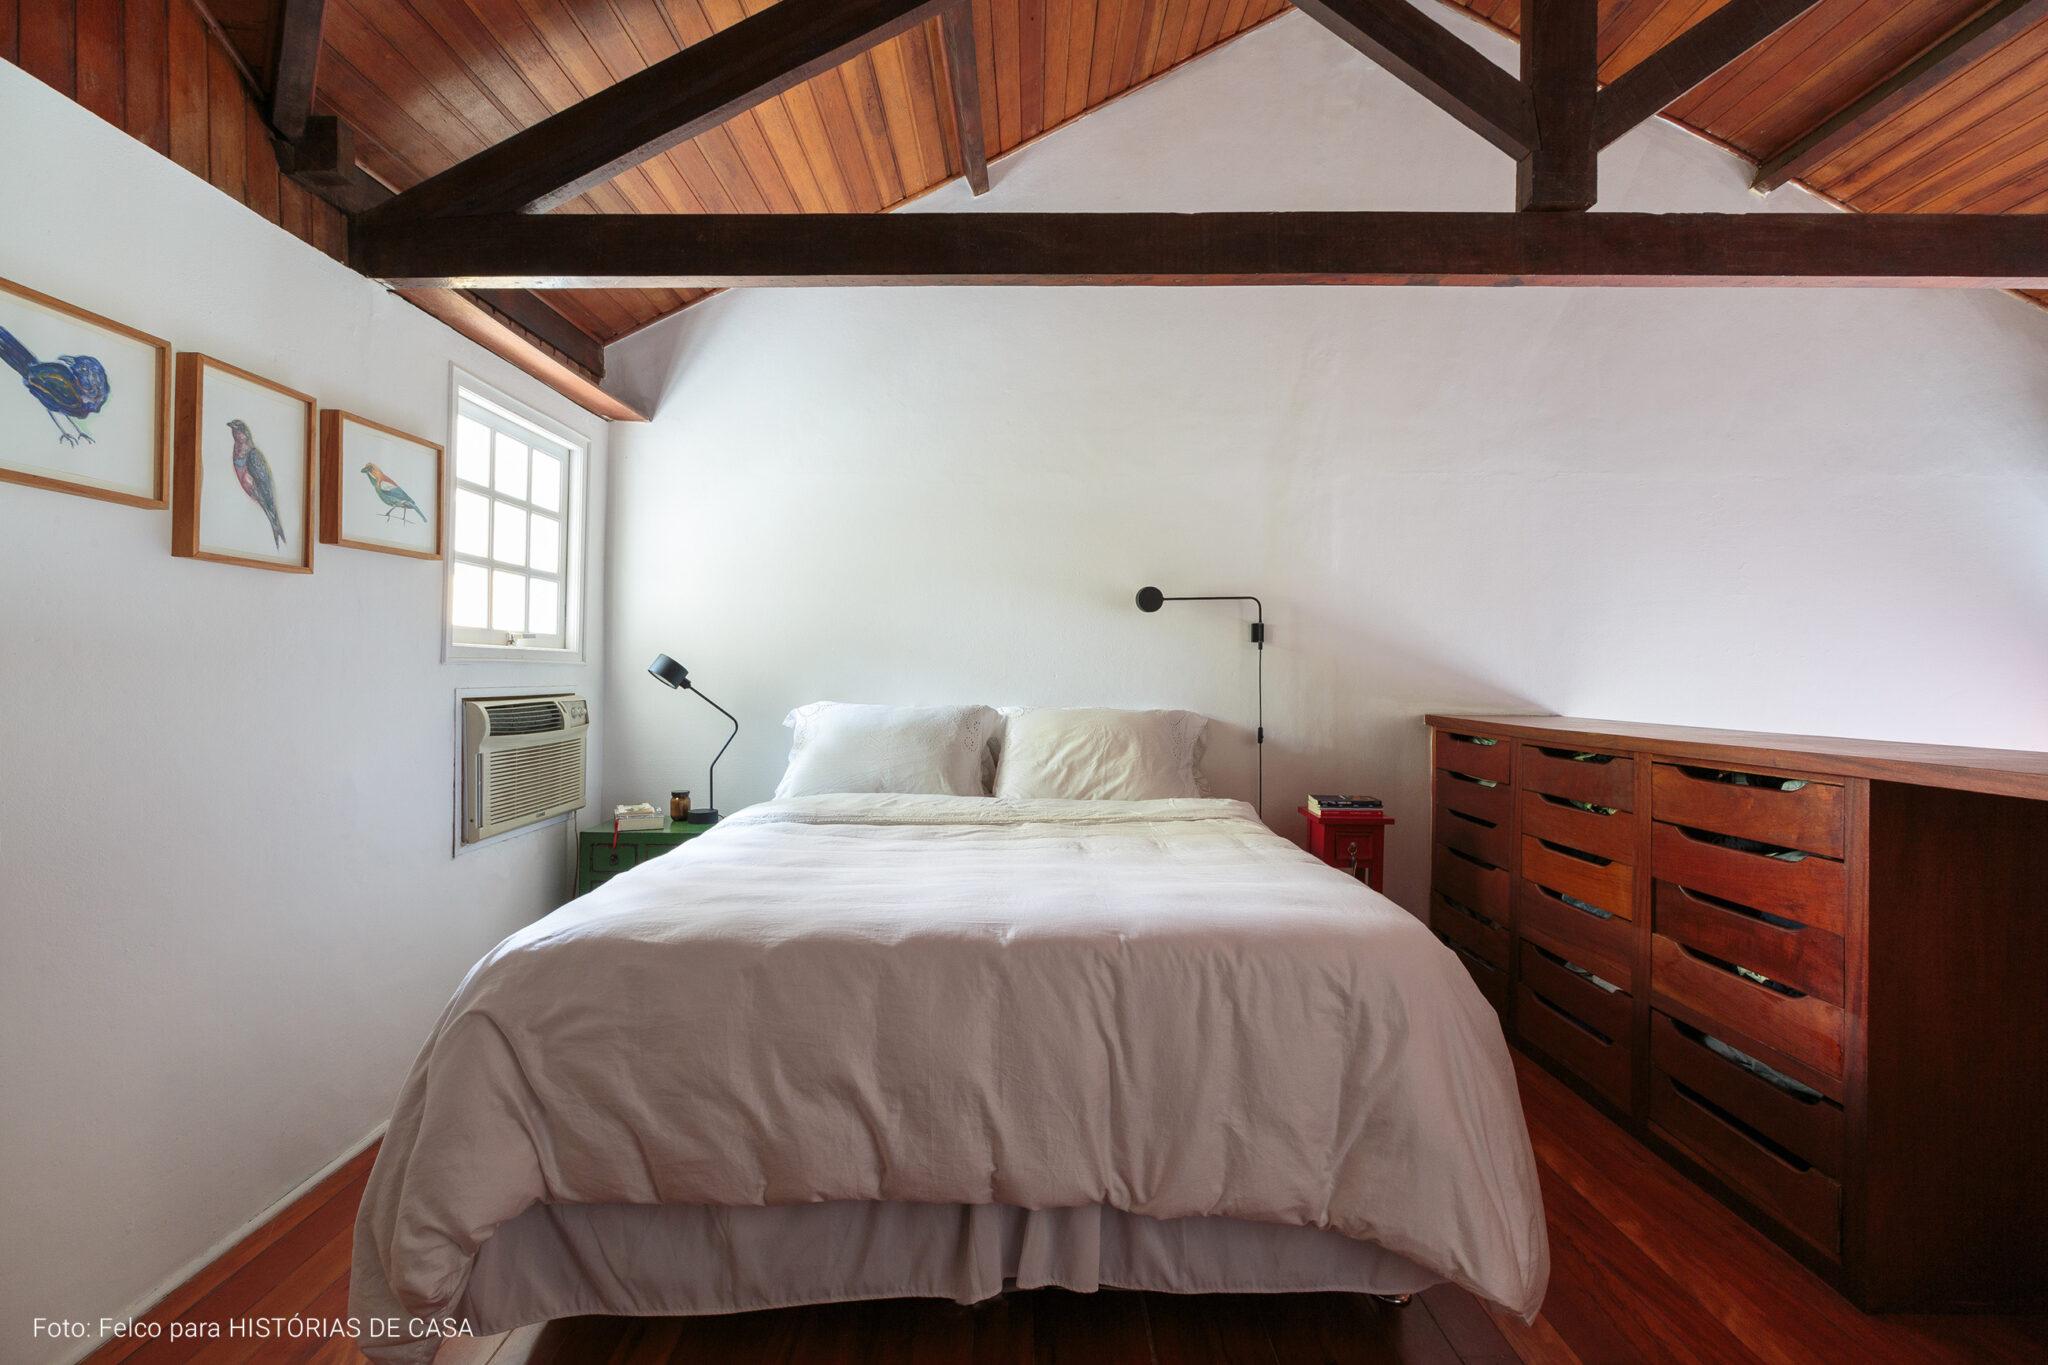 Casa de vila antiga com reforma e janelas de madeira